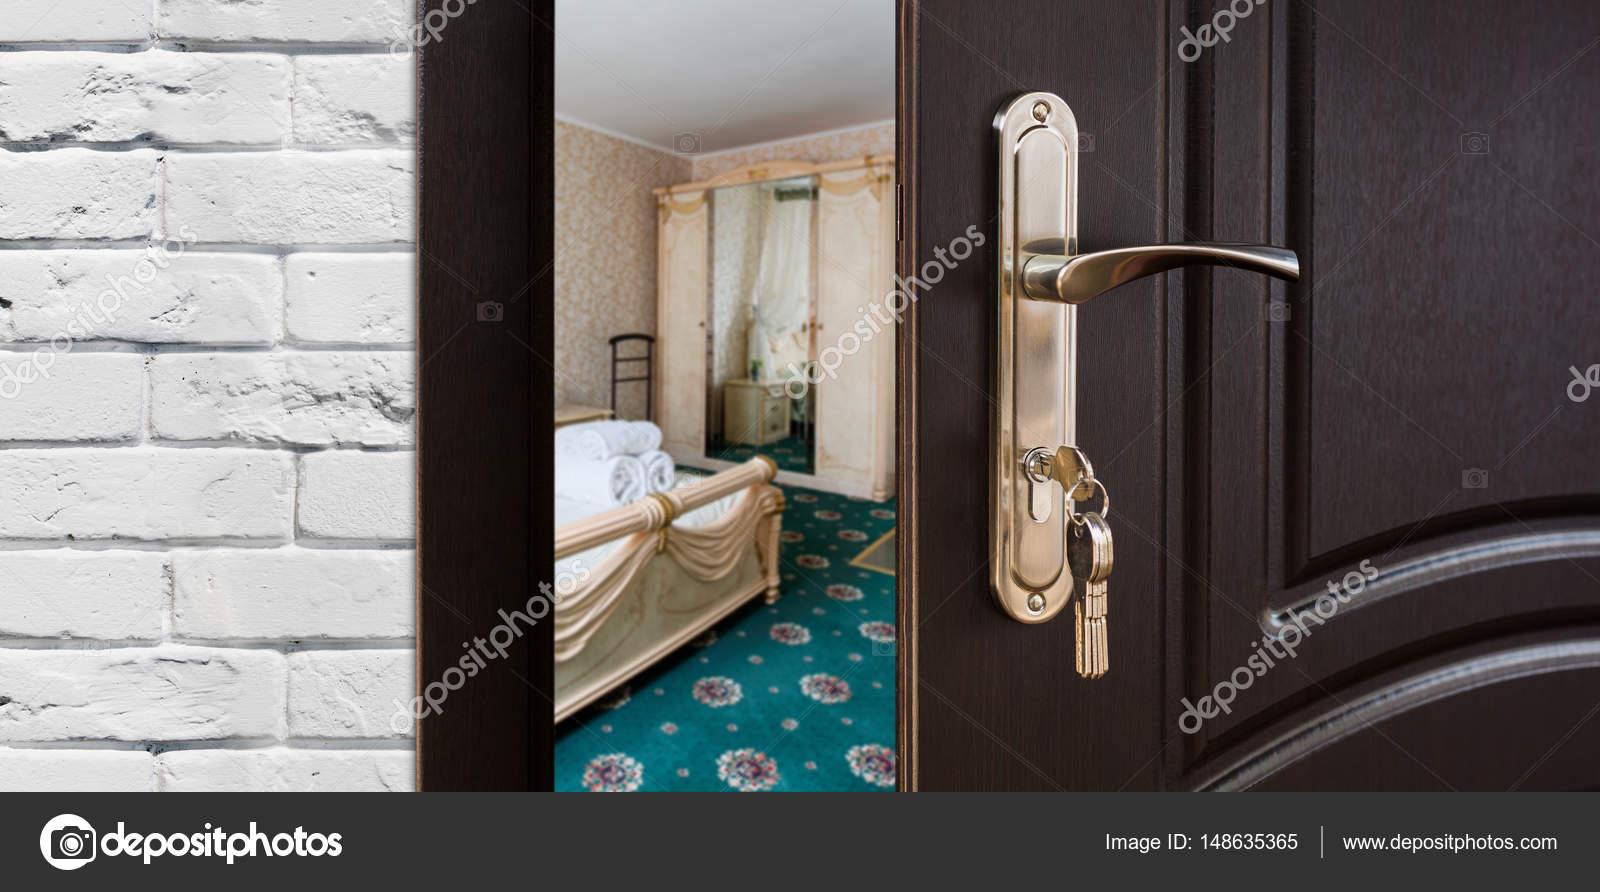 Halb geöffnete tür  offene Tür aus einem klassischen Schlafzimmer Griff closeup ...